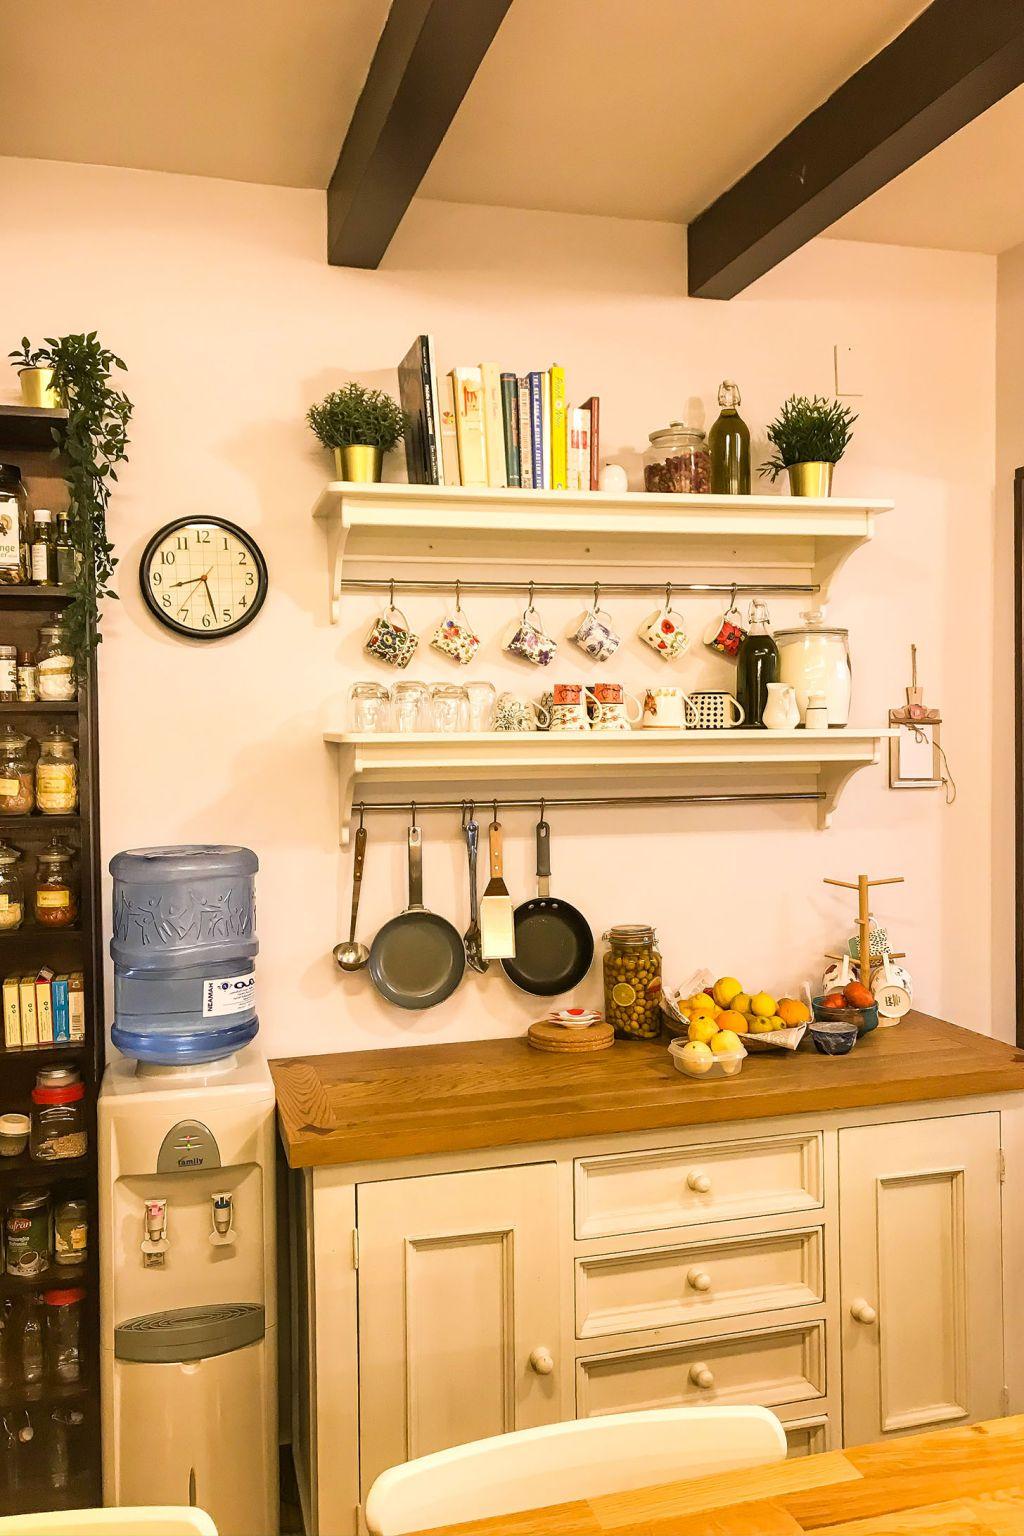 IKEA kitchen upgrade